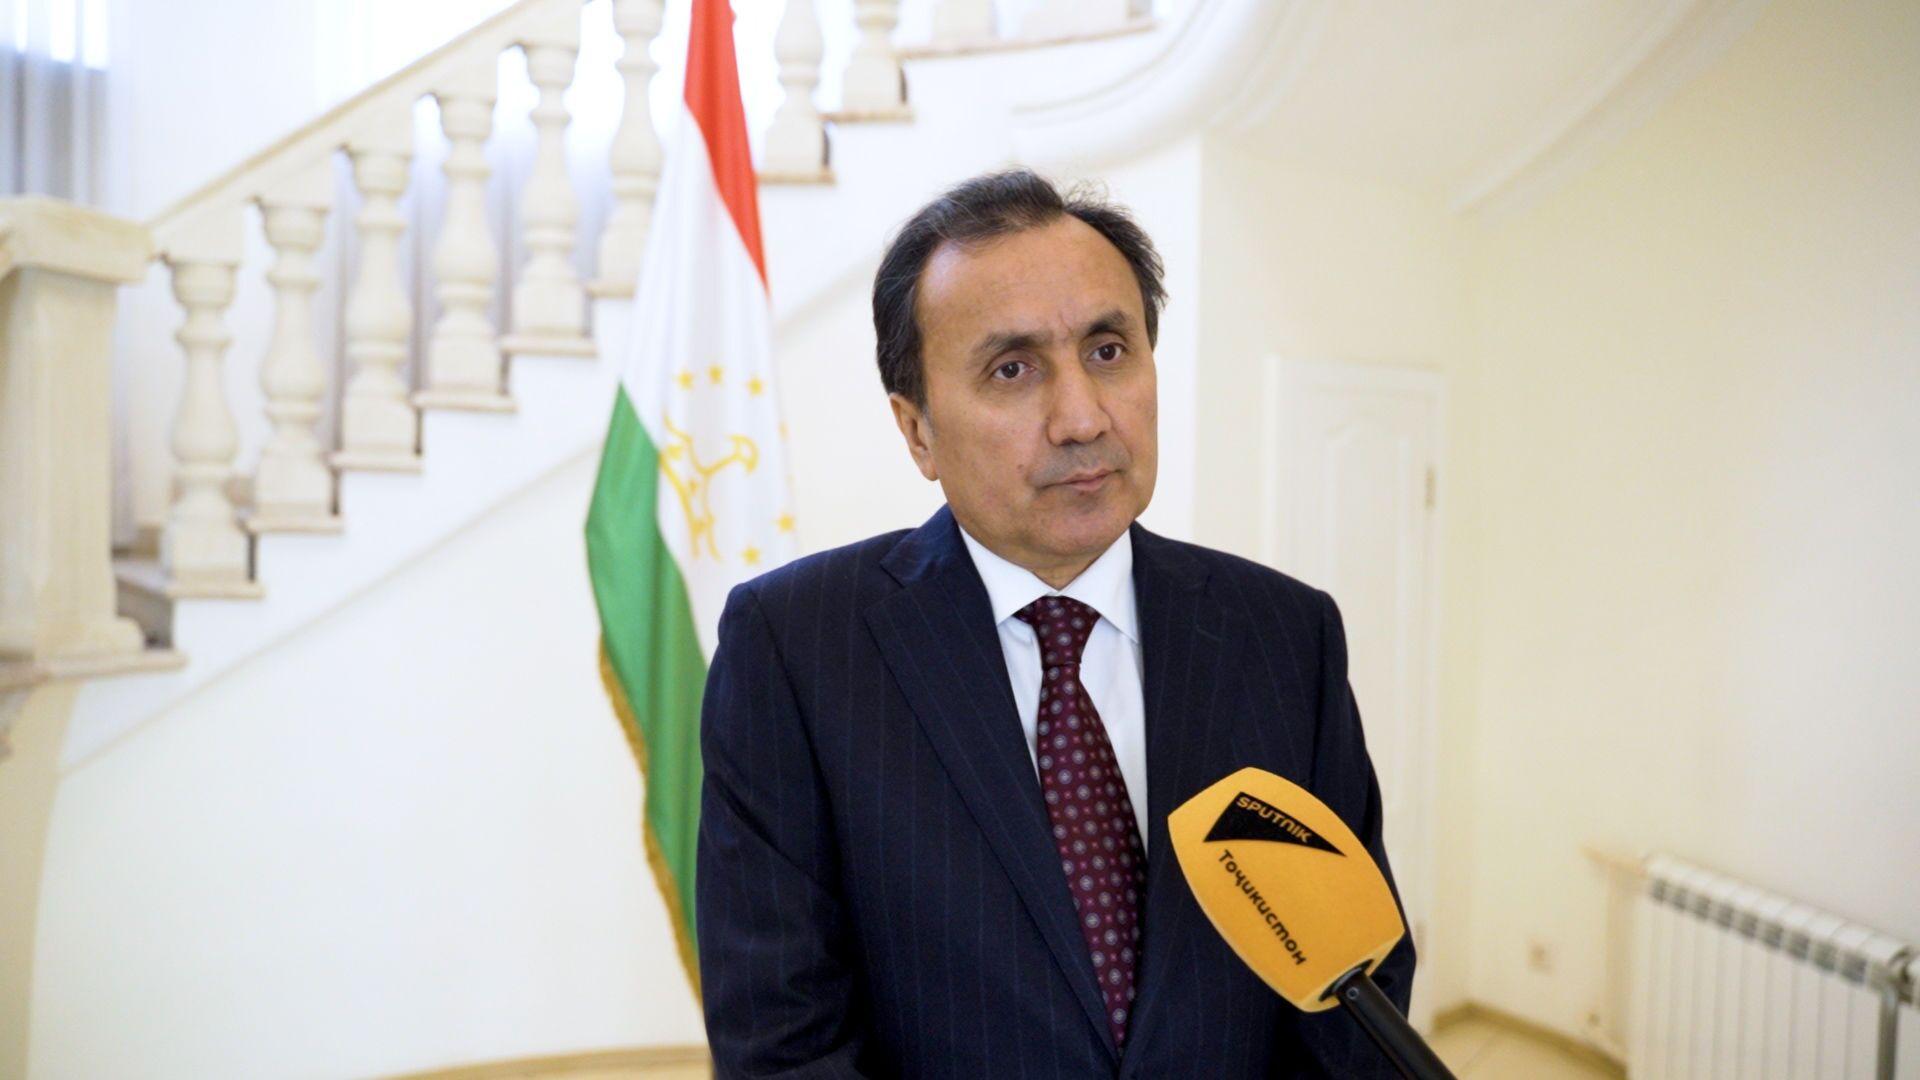 Посол Республики Таджикистан в РФ Имомуддин Сатторов - Sputnik Таджикистан, 1920, 15.06.2021